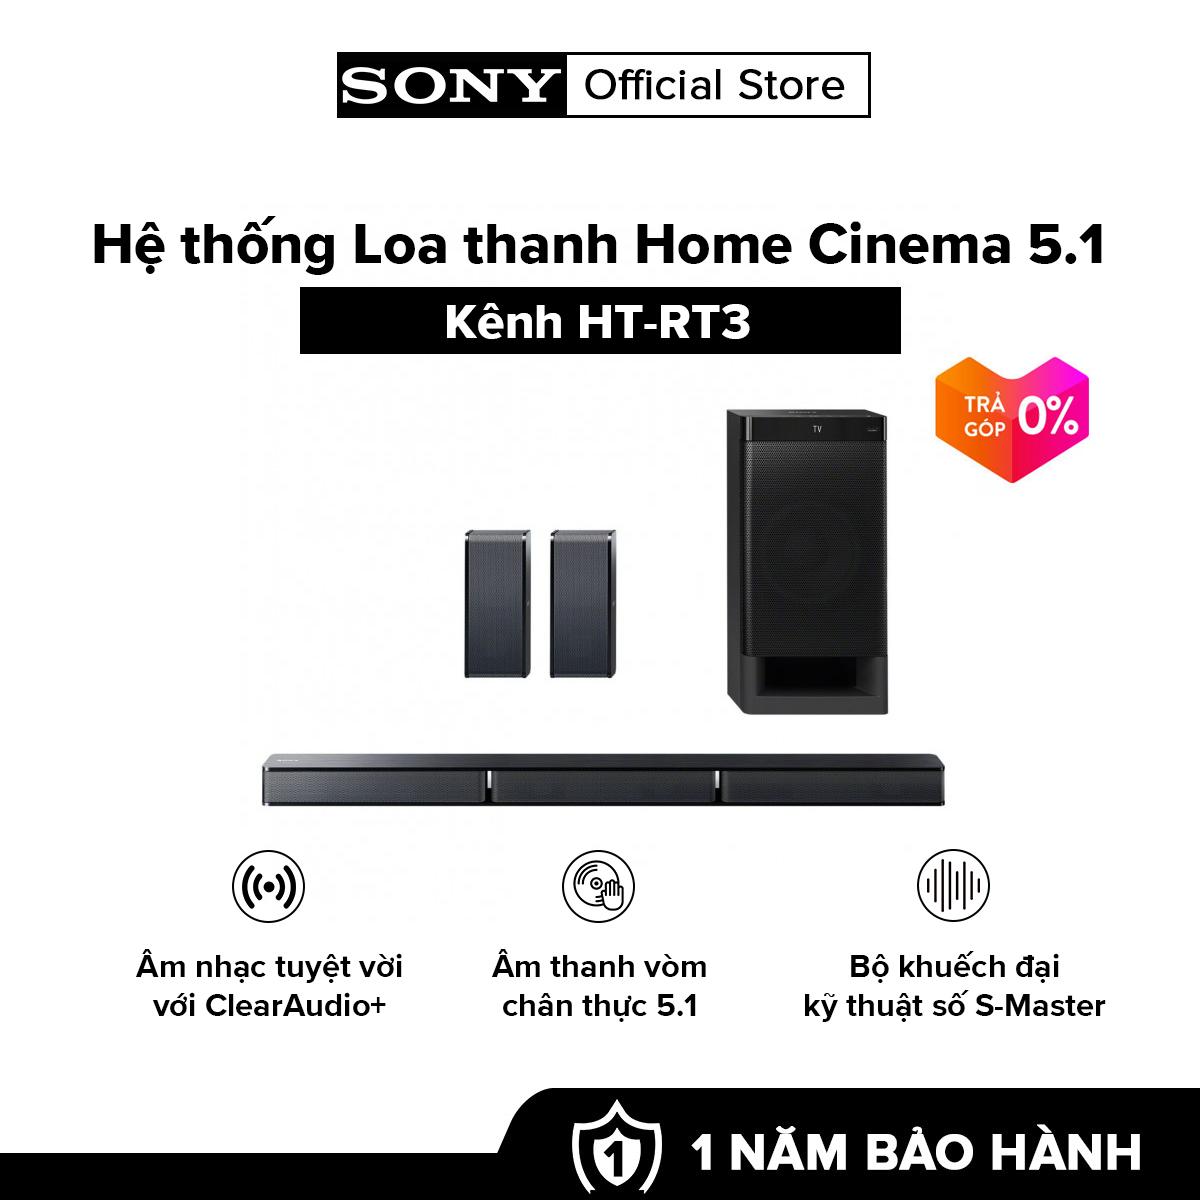 [HÀNG CHÍNH HÃNG – TRẢ GÓP 0%] Hệ thống Loa thanh Home Cinema 5.1 kênh HT-RT3 Âm thanh vòm chân thực 5.1 Bộ khuếch đại kỹ thuật số S-Master